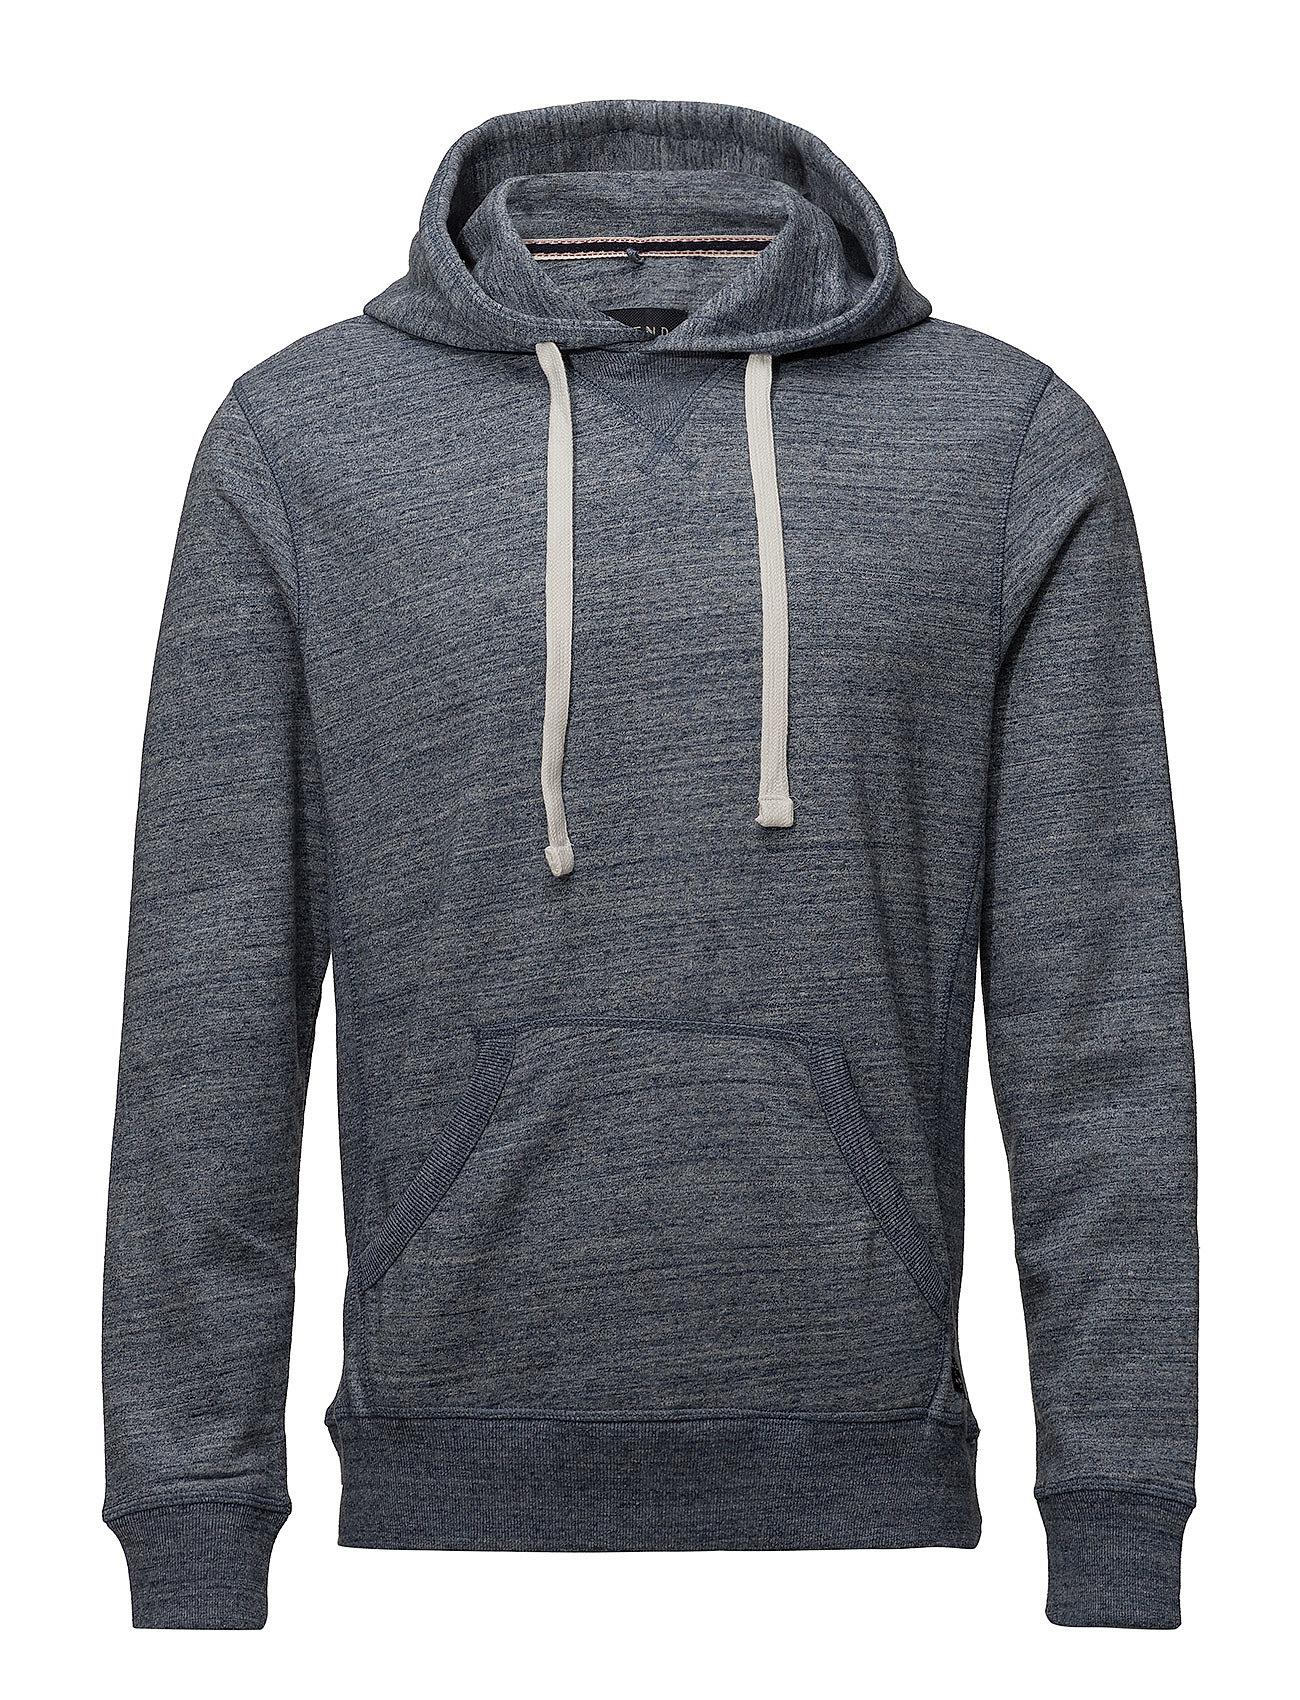 Image of Noos - Sweatshirt - Reg. Fit (3067463677)